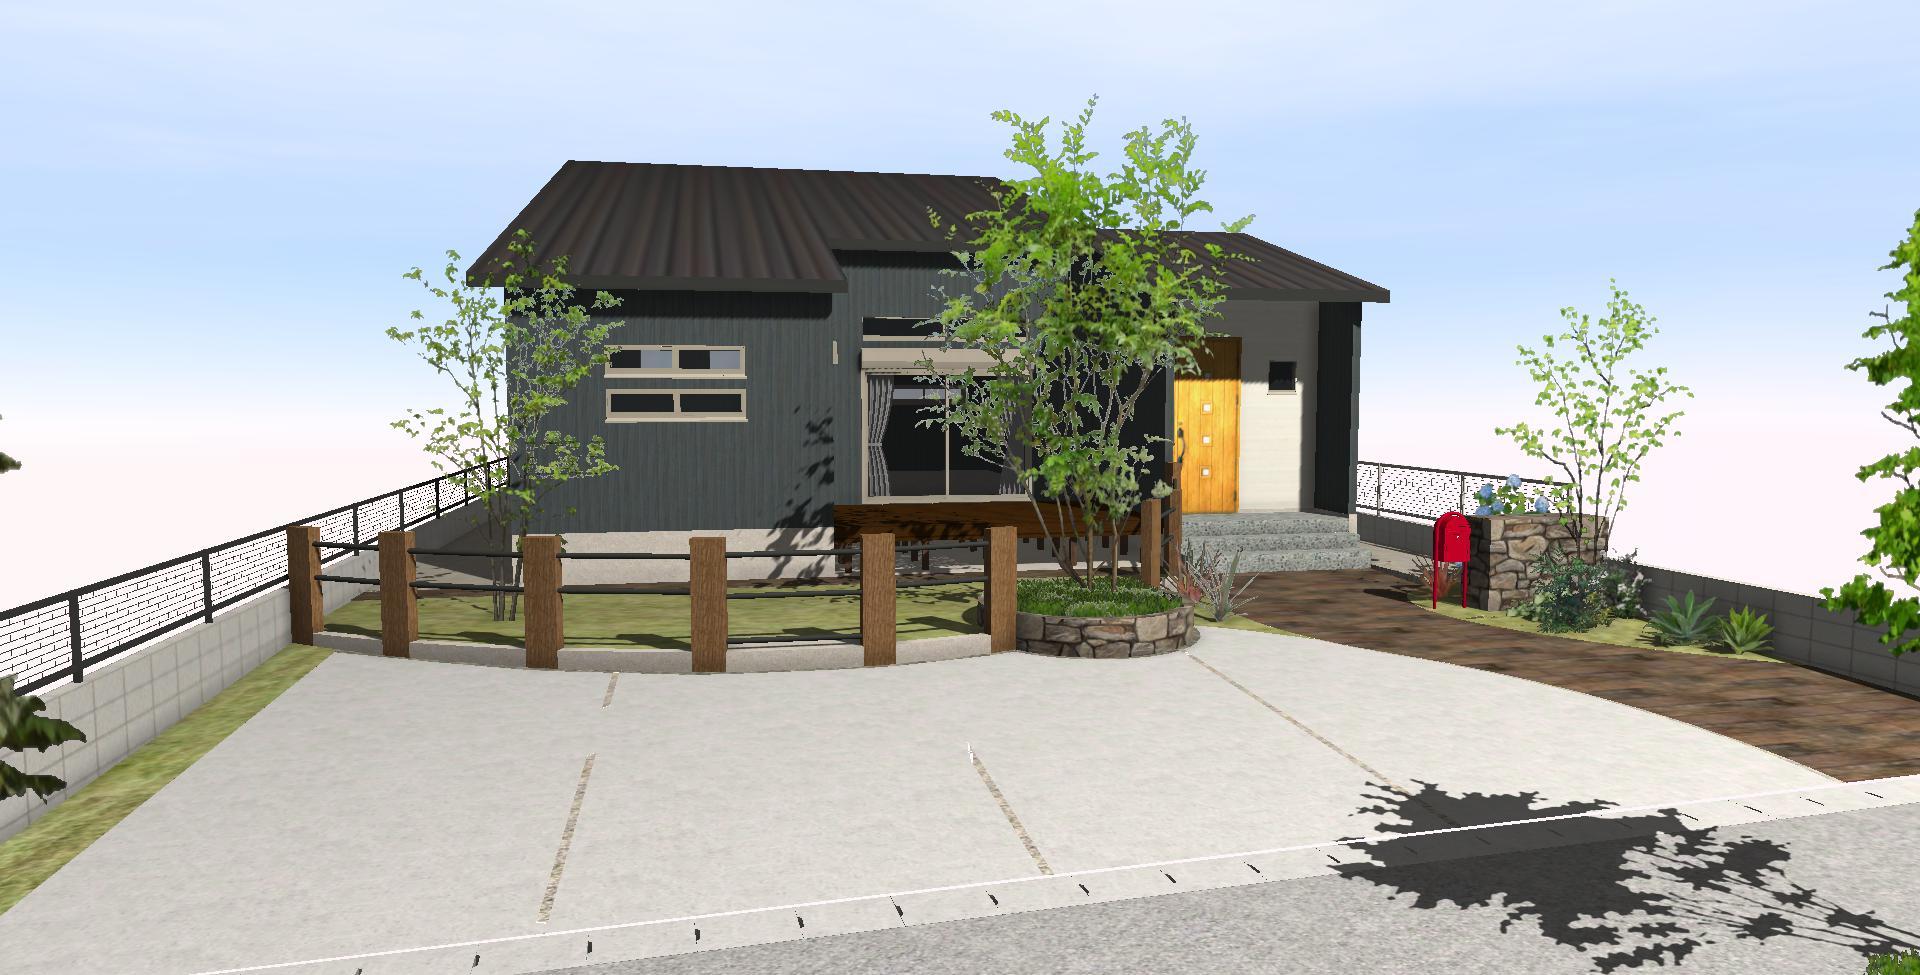 宮崎市Y様邸 NEW BUILDING_b0236217_12403580.jpg